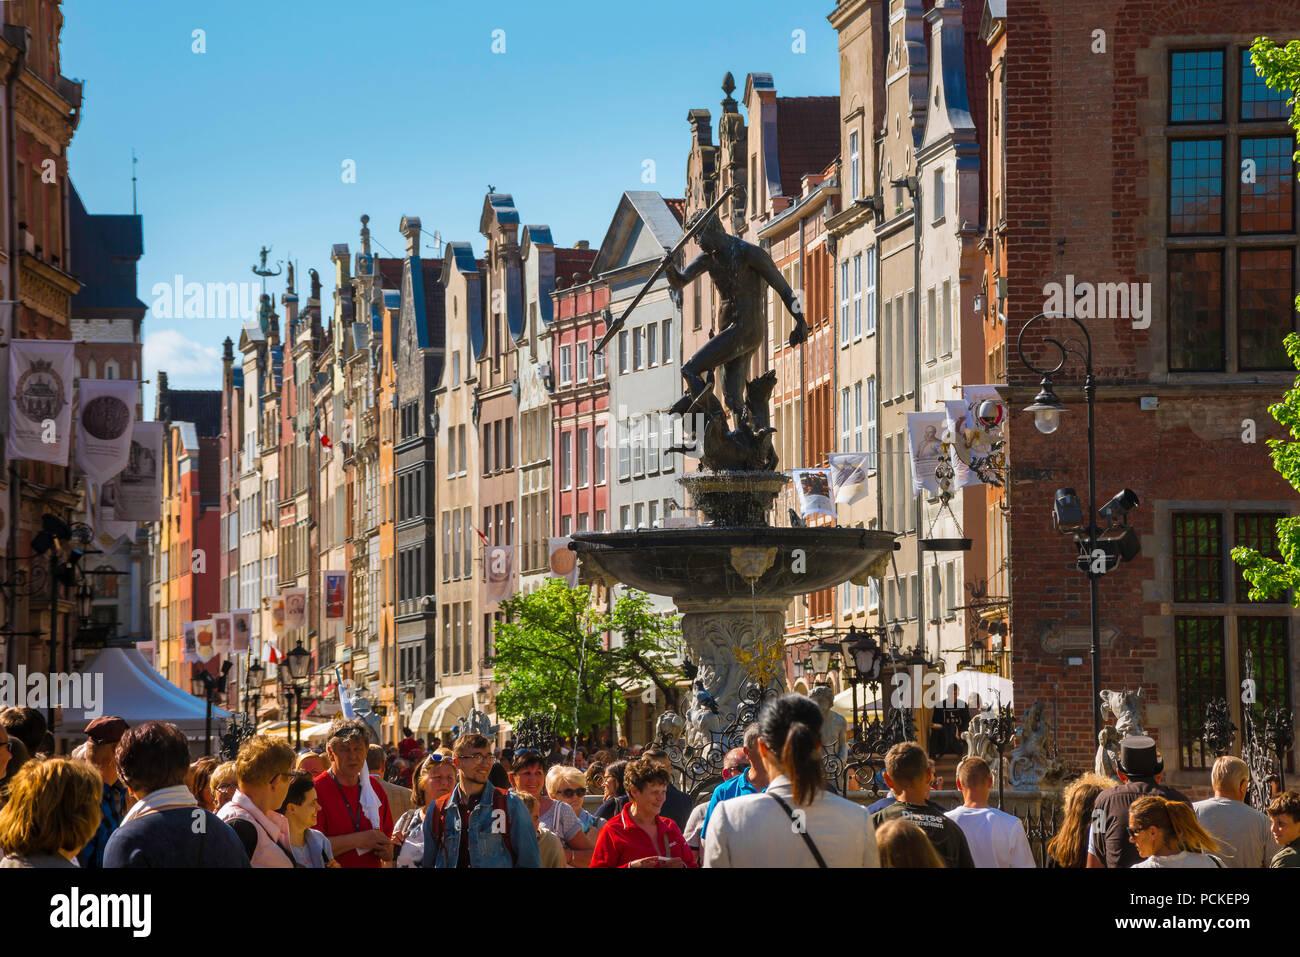 Danzica Polonia città, vista lungo la Via Reale - la strada principale nel centro di Danzica in un affollato pomeriggio estivo, Pomerania, Polonia. Foto Stock